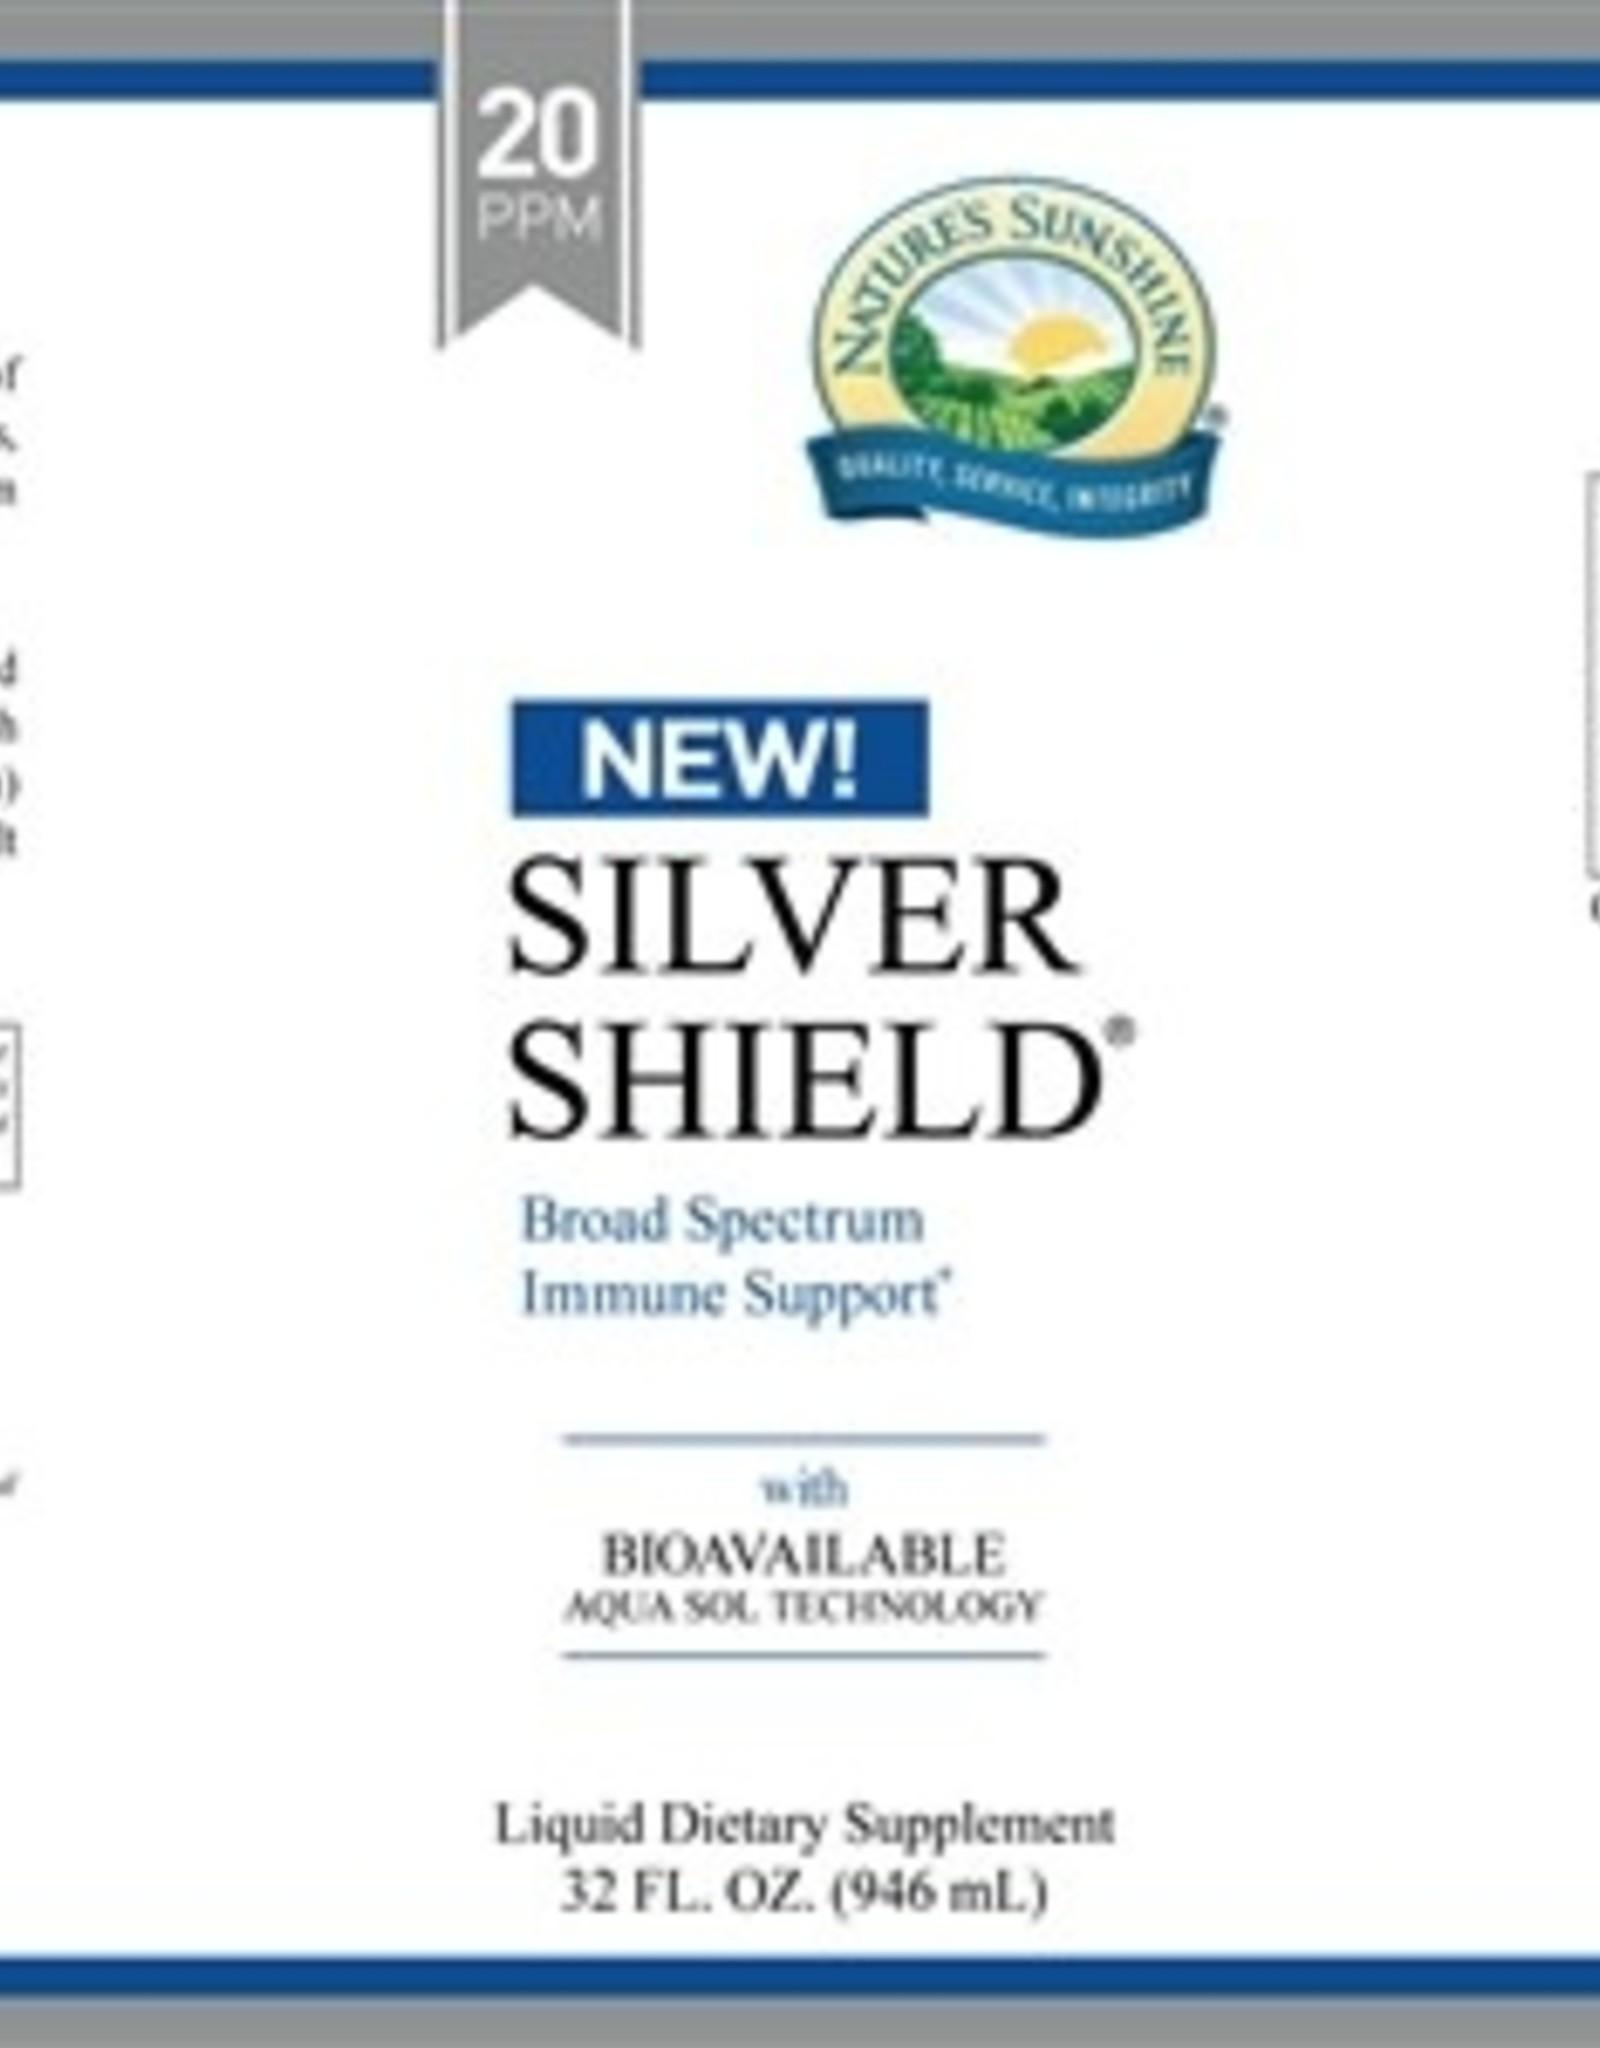 Nature's Sunshine Silver Shield w/ Aqua Sol